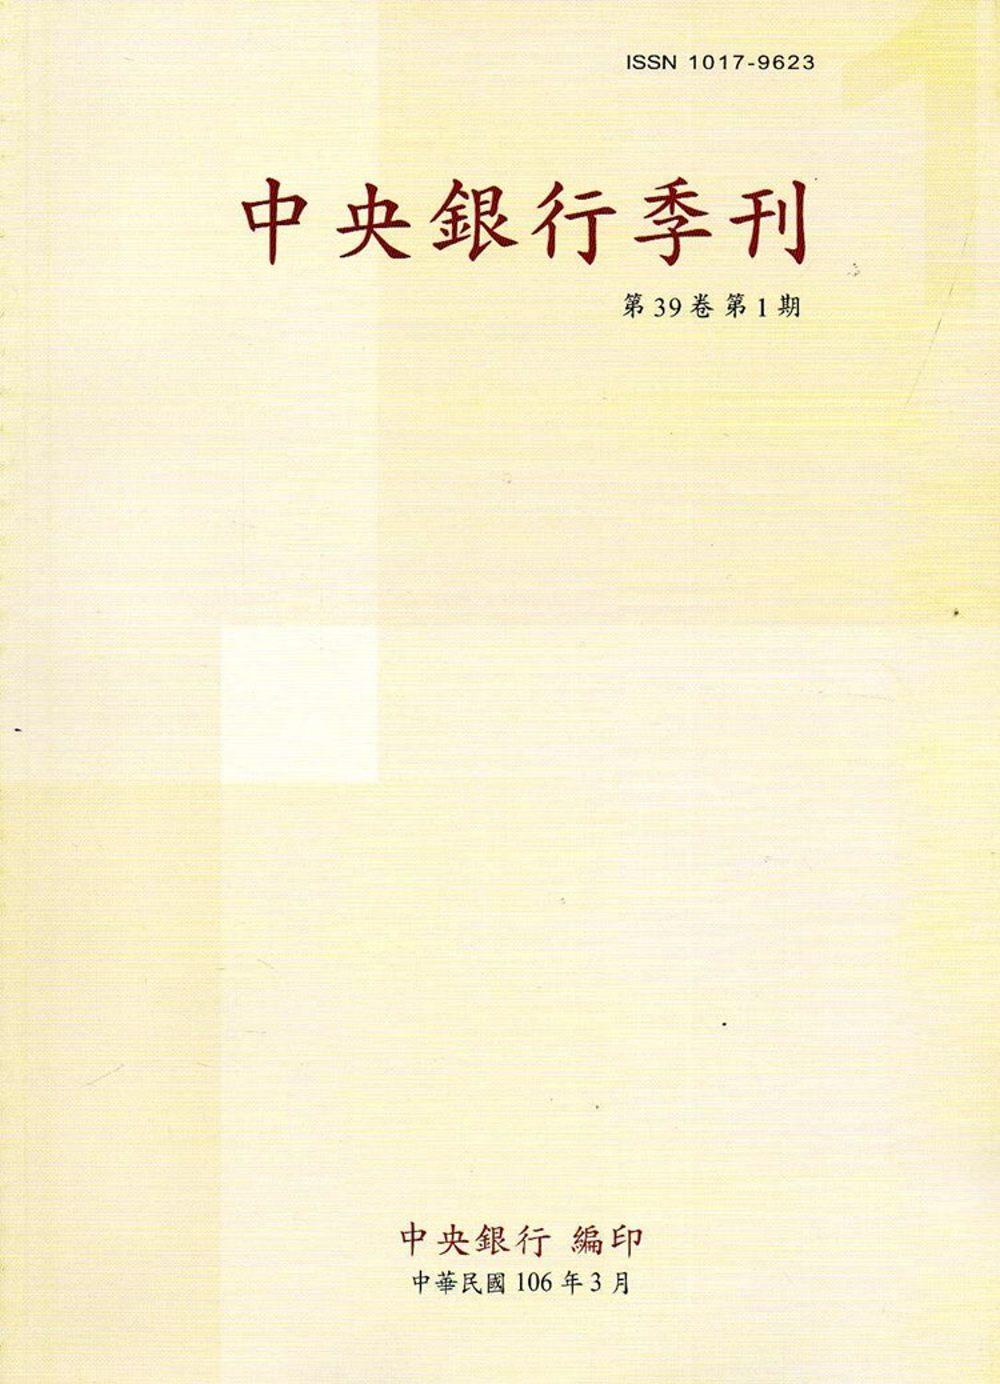 中央銀行季刊39卷1期(106.03)